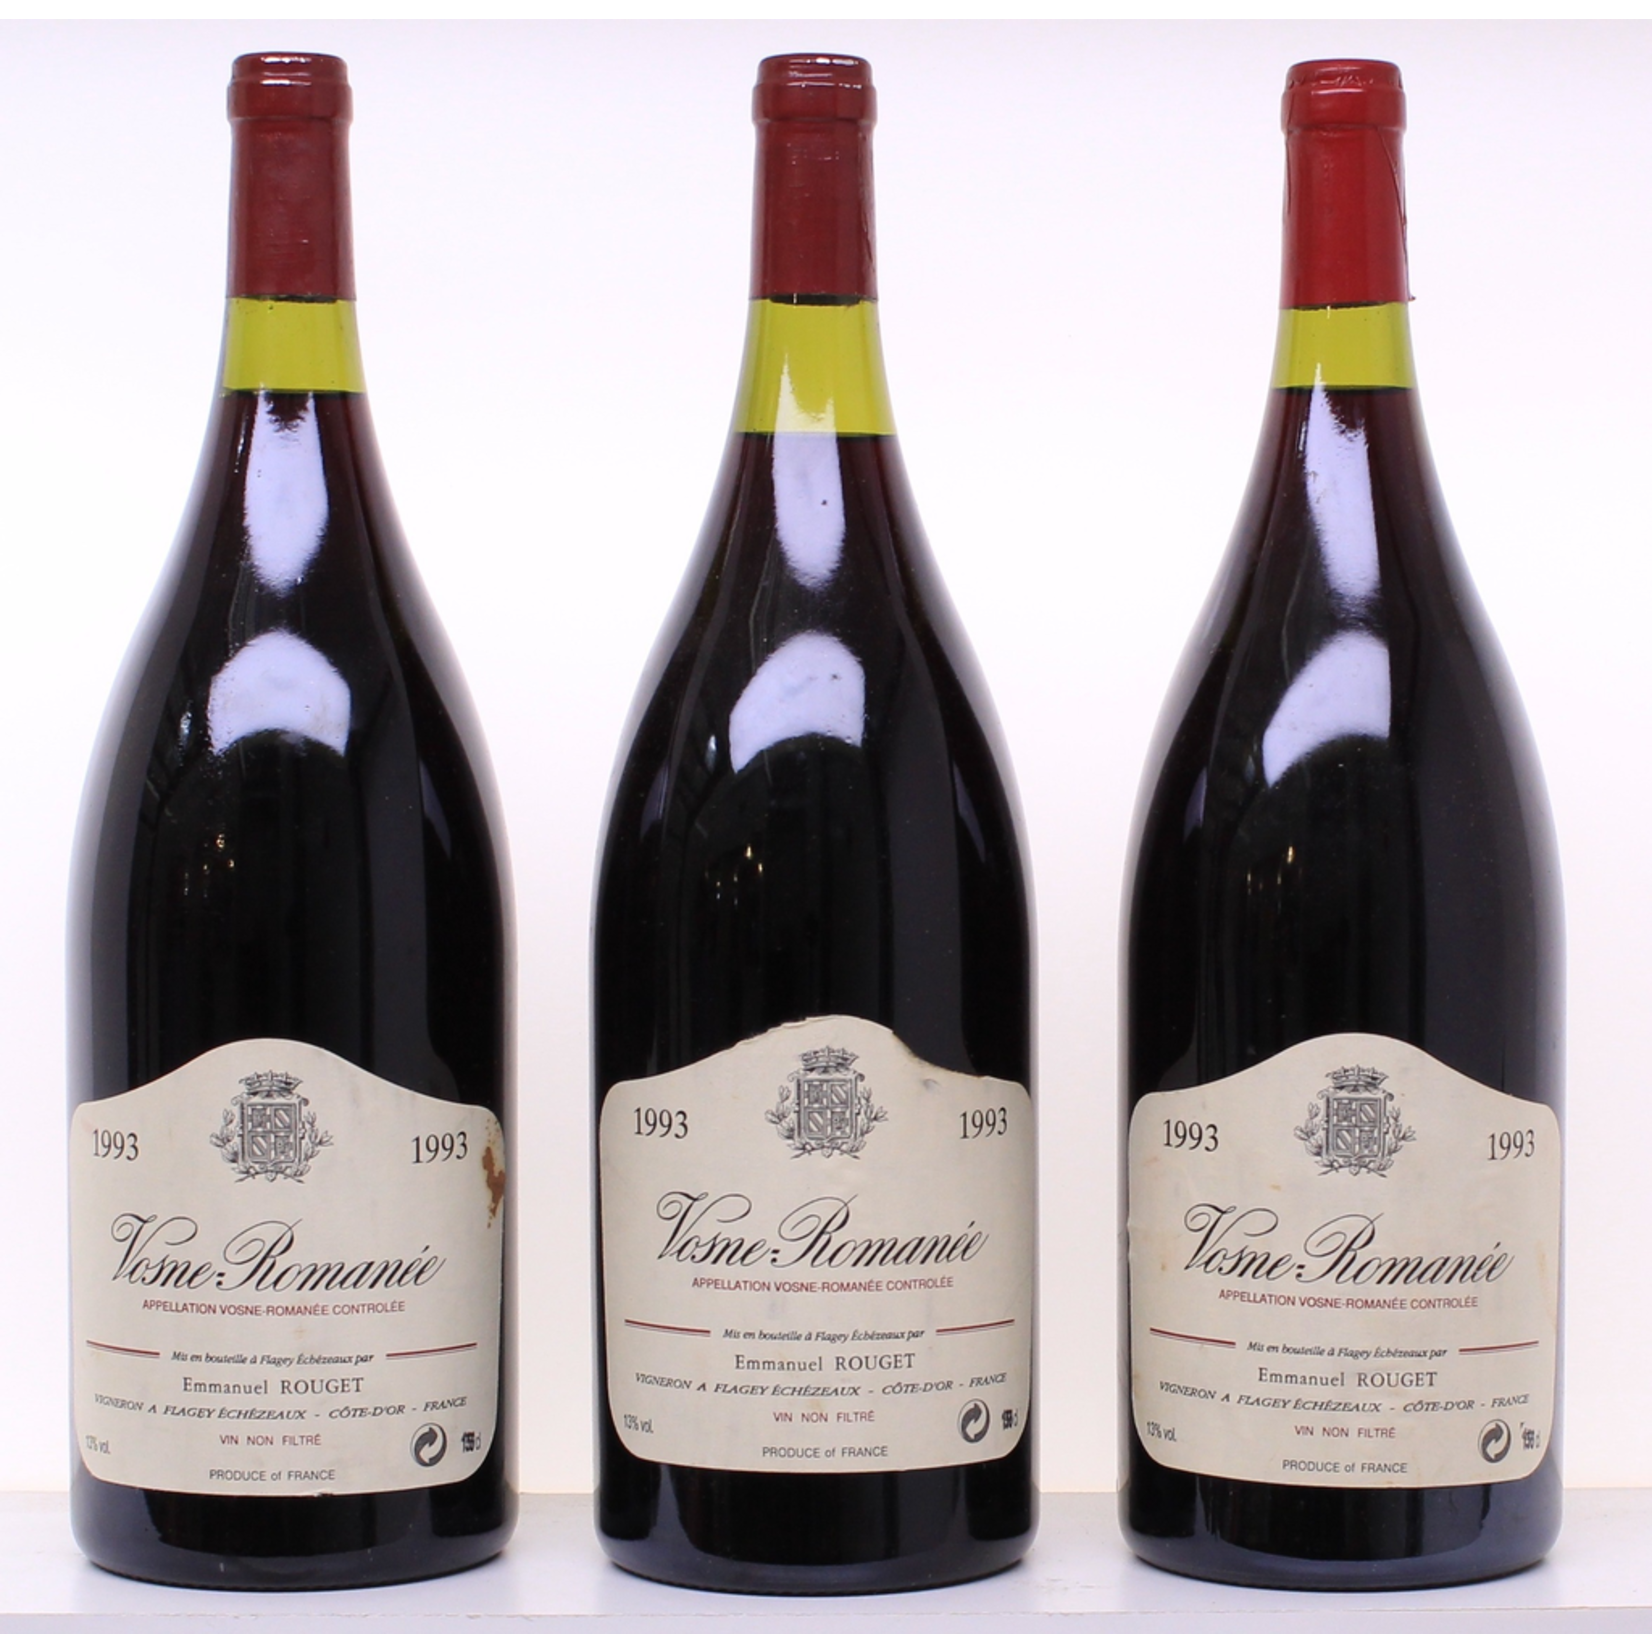 Wine Emmanuel Rouget Vosne Romanee 1993 1.5L